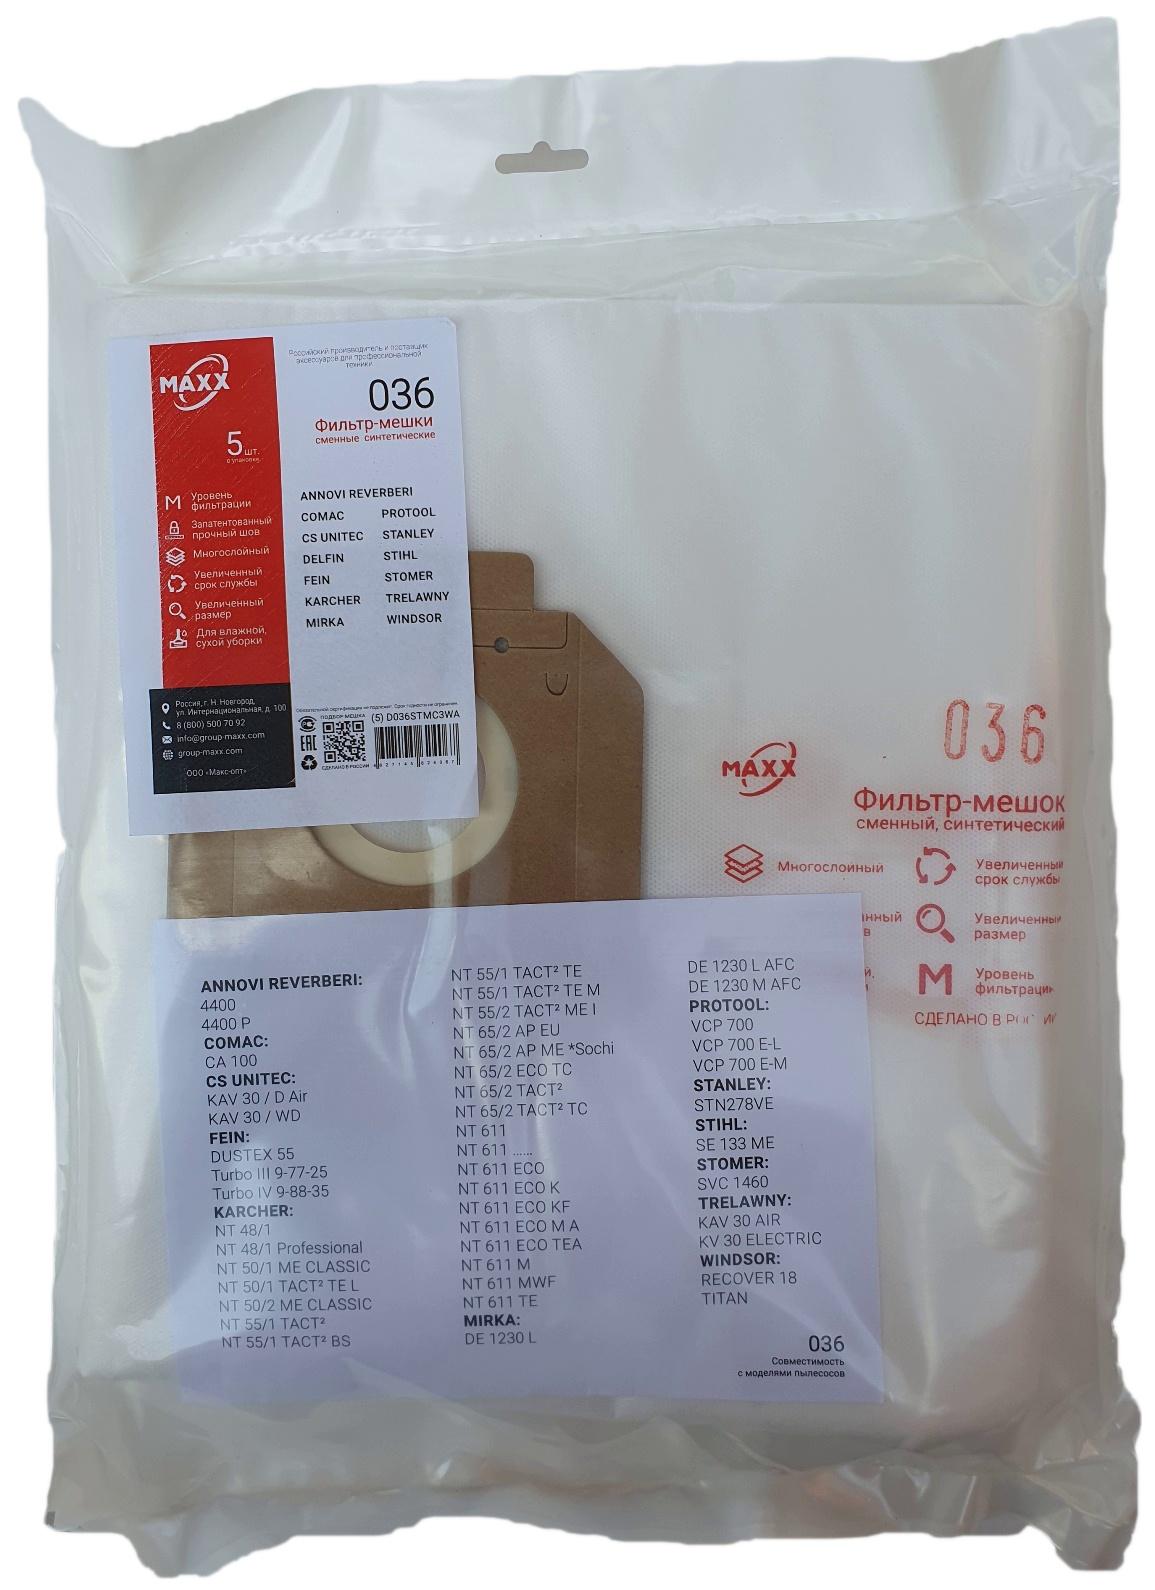 Пылесборники MAXX 036 для промышленных пылесосов, 5 шт.